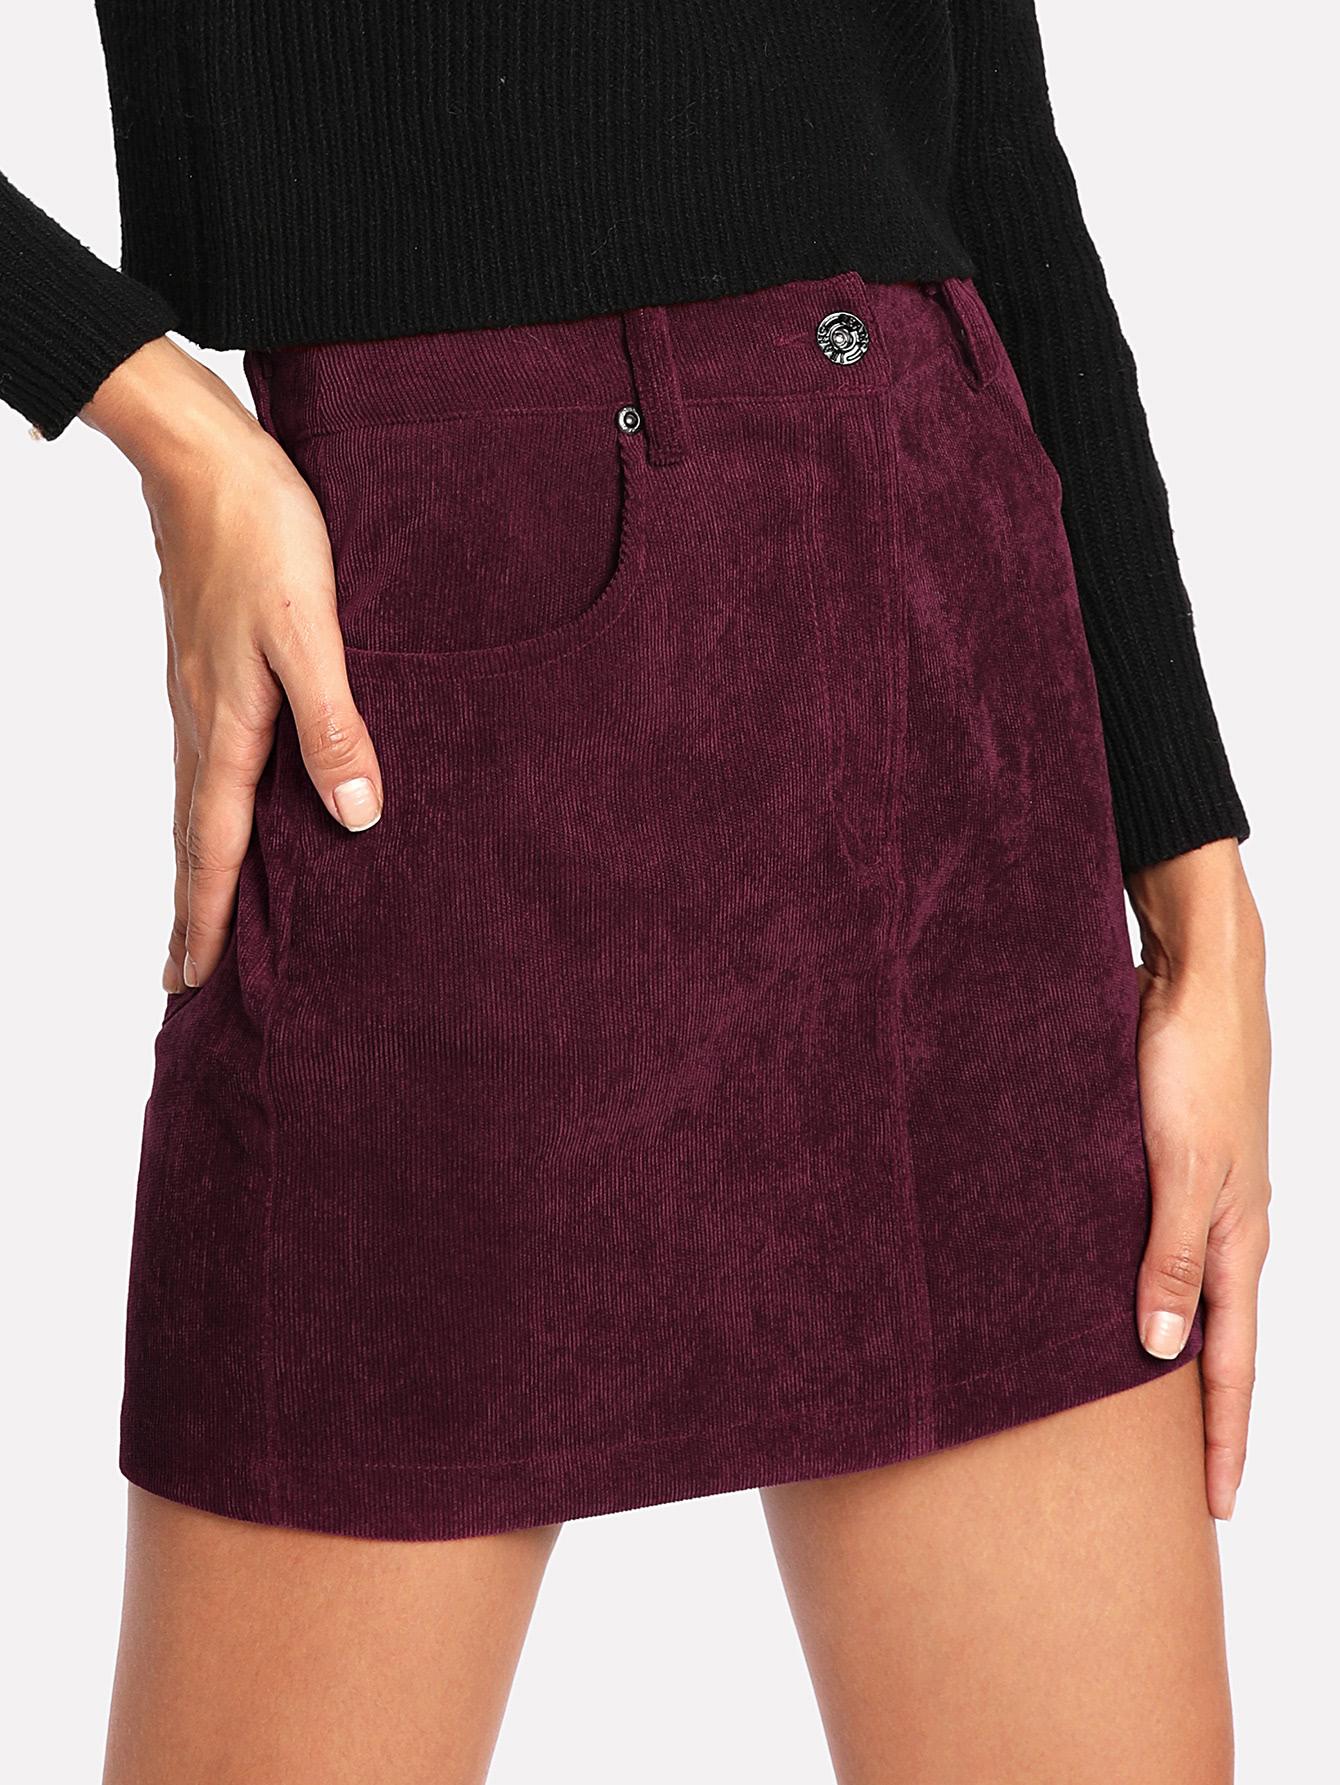 Zip Fly Cord Skirt skirt171121706